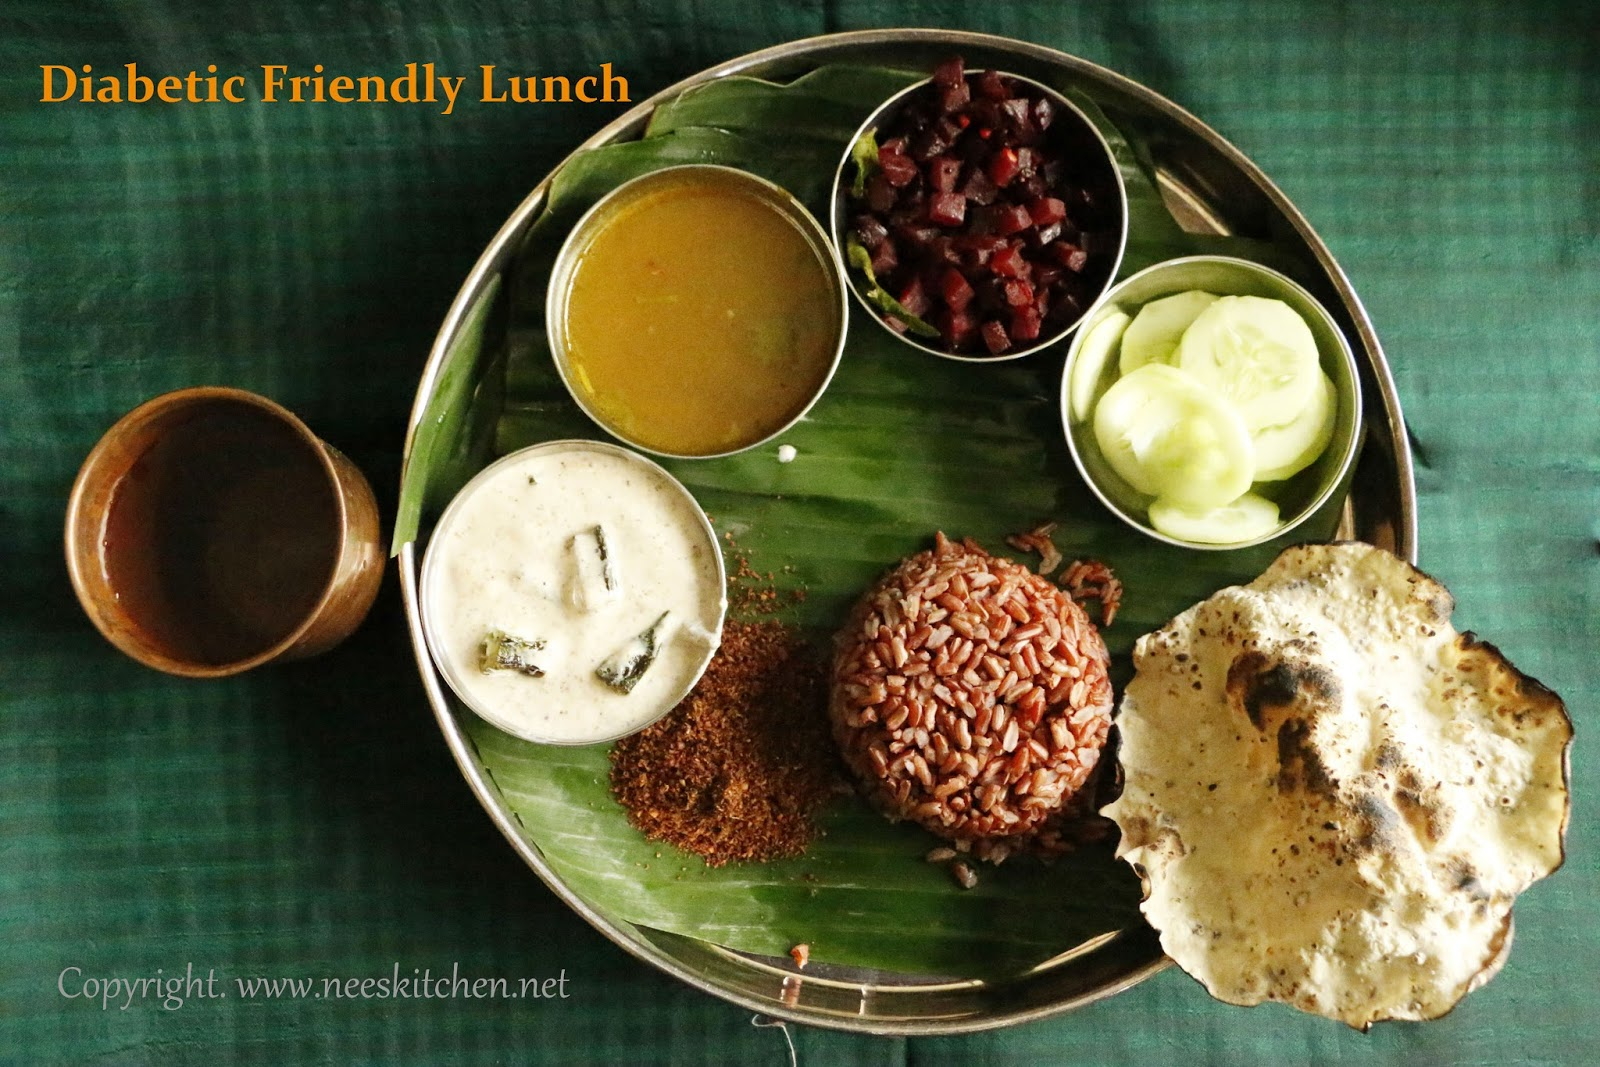 Diabetic friendly lunch ideas 2 nees kitchen diabetic friendly lunch ideas 2 forumfinder Images